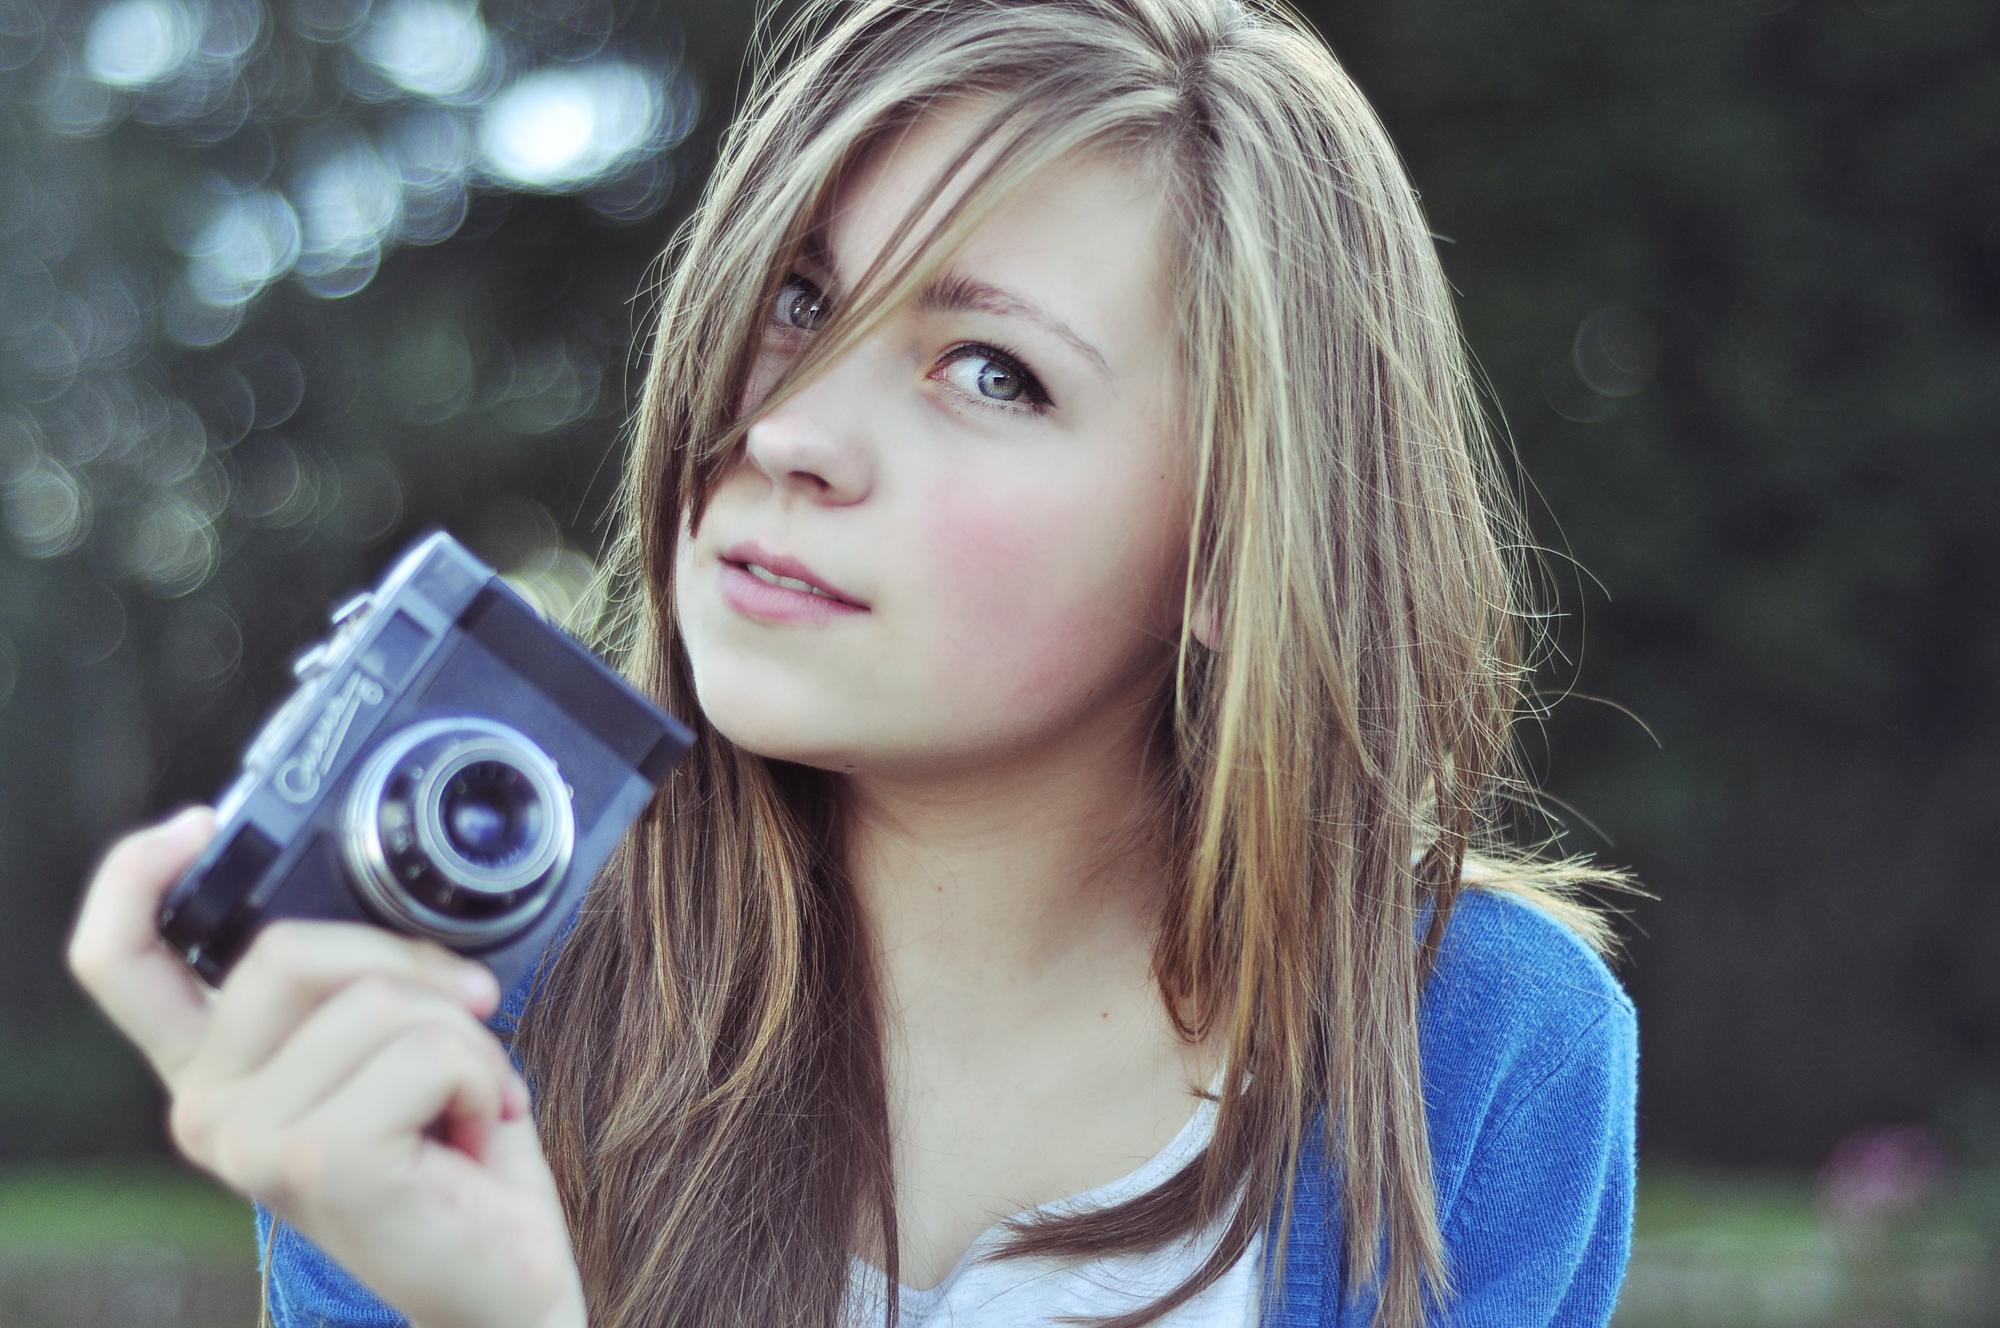 بالصور اجمل بنات كيوت , بالصور اجمل بنات كيوت رائعه 5839 6